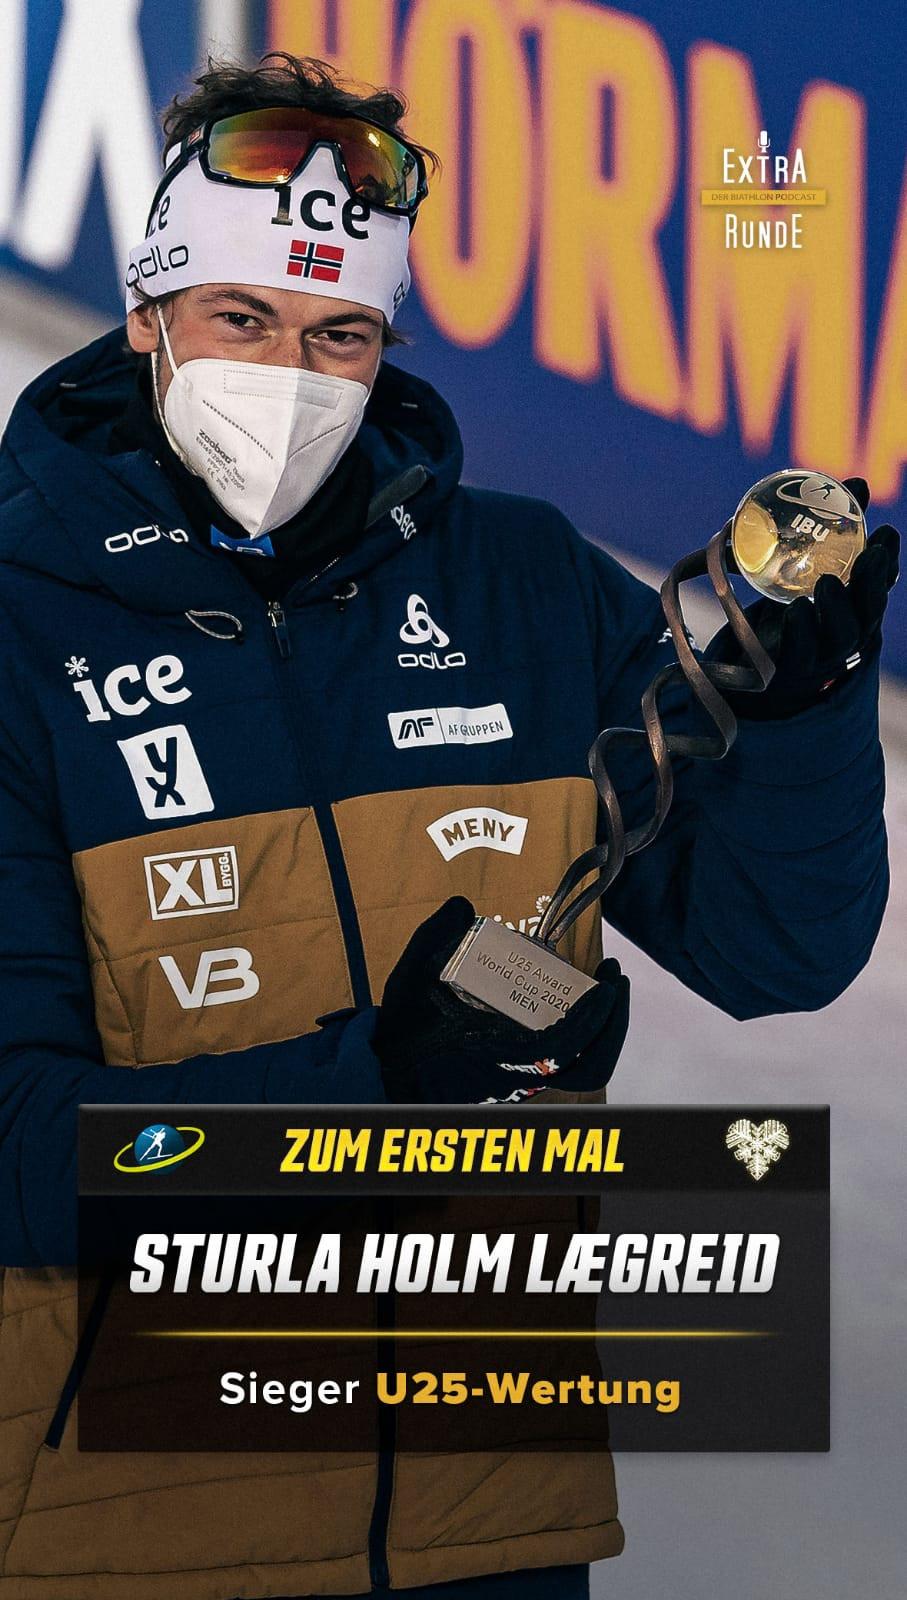 Die Wertung des Besten Biathleten unter 25 Jahren gewinnt der Norweger Sturla Holm Lægreid.